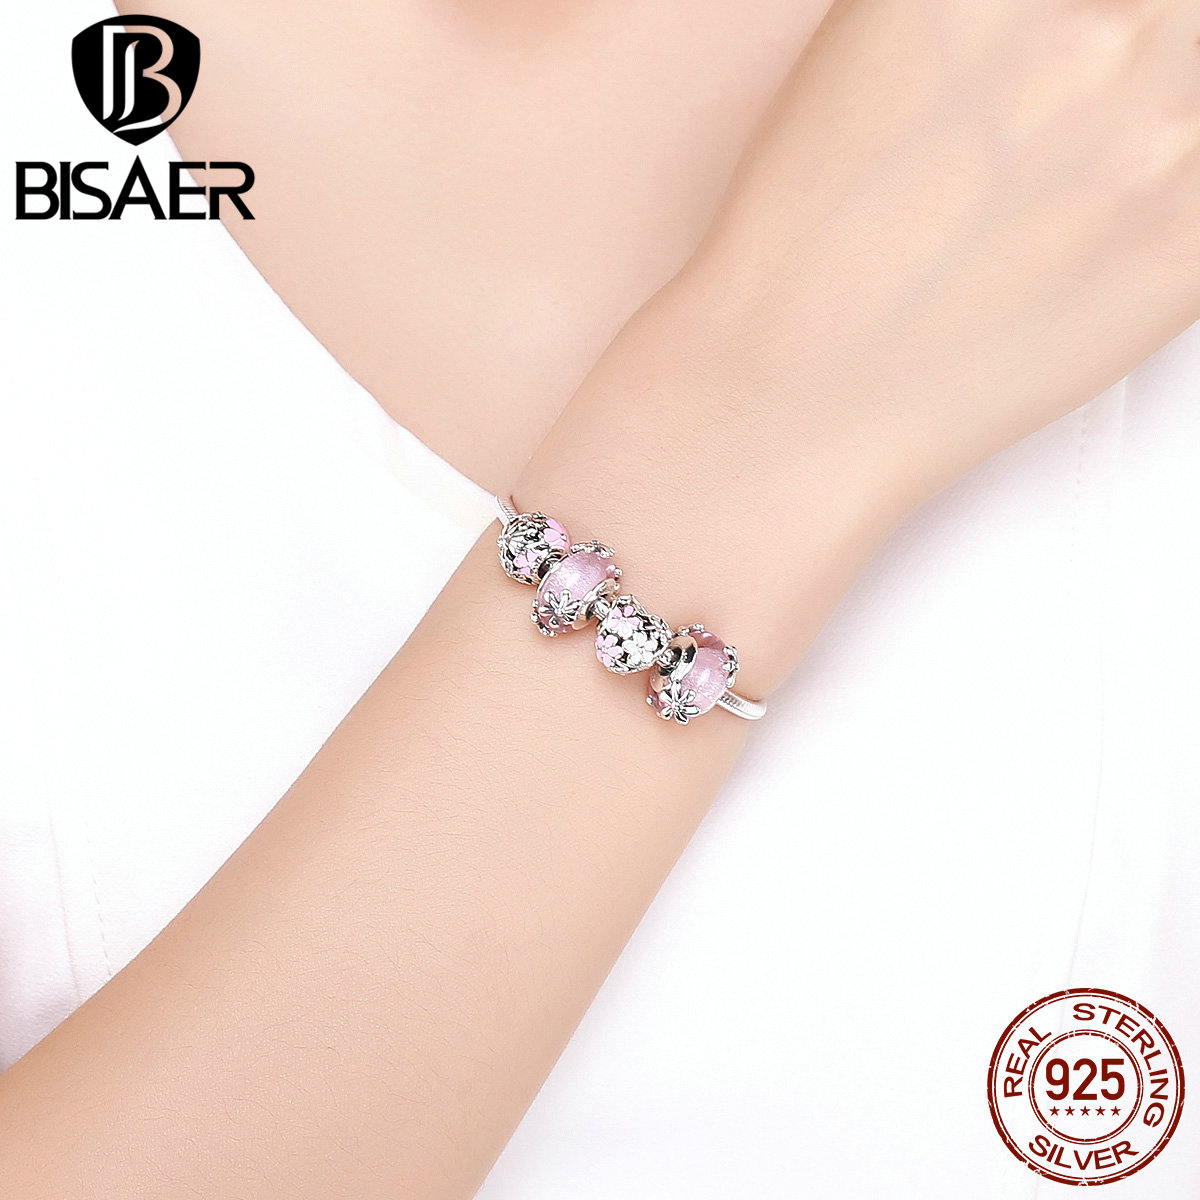 BISAER браслеты в форме сердца, 925 пробы, серебряный, розовый, Маргаритка, персик, цветок, сердце, женские браслеты для женщин, серебро 925, ювелирн... - 3